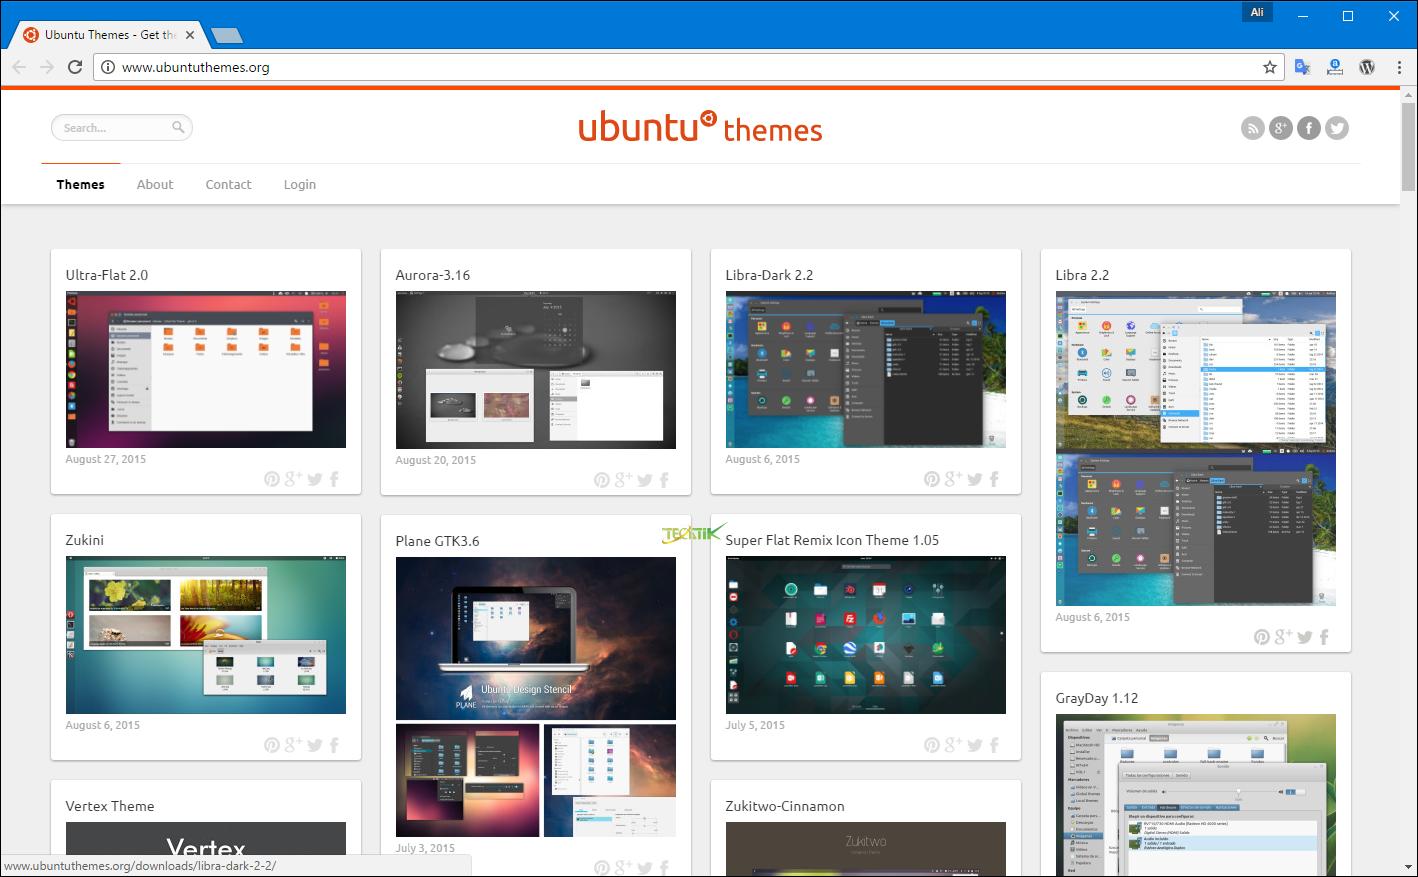 sudo apt-get install gnome-tweak-tool